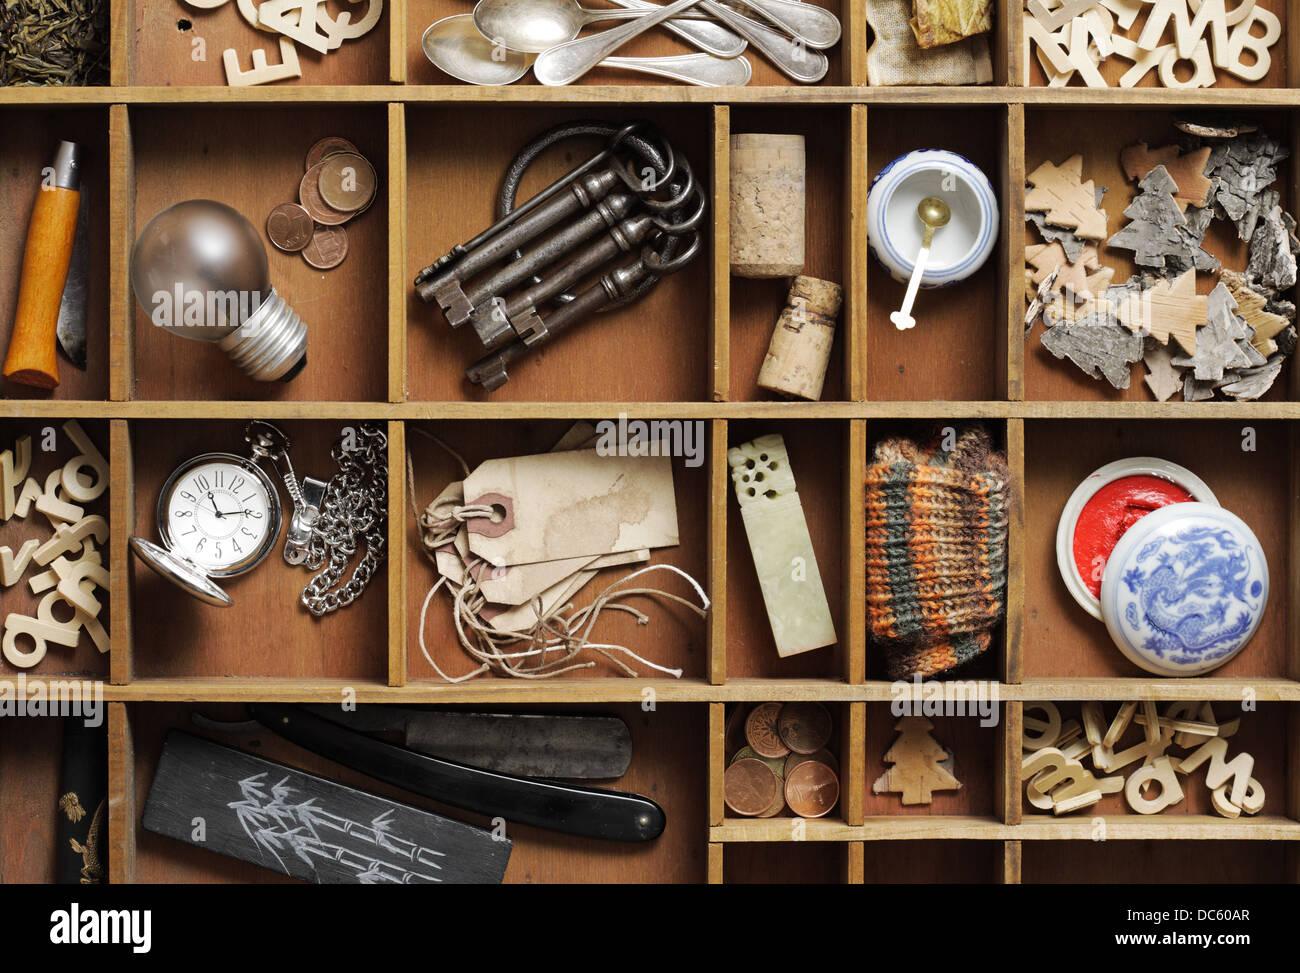 Objet Vintage Photo Stock